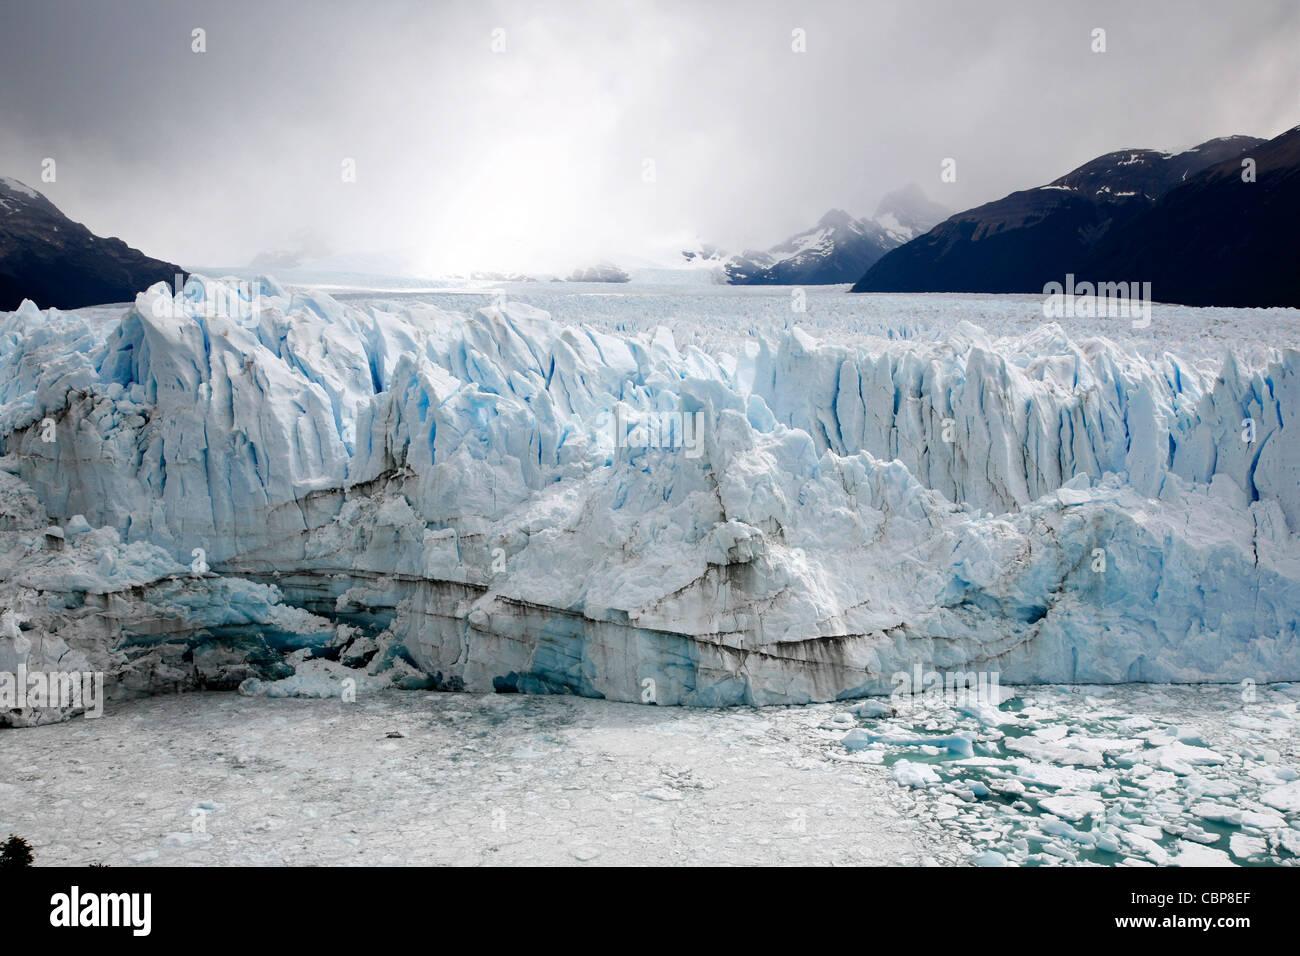 Perito Moreno-Gletscher. Los Glaciares National Park, Bereich El Calafate, Provinz Santa Cruz. Patagonien. Argentinien. Stockbild